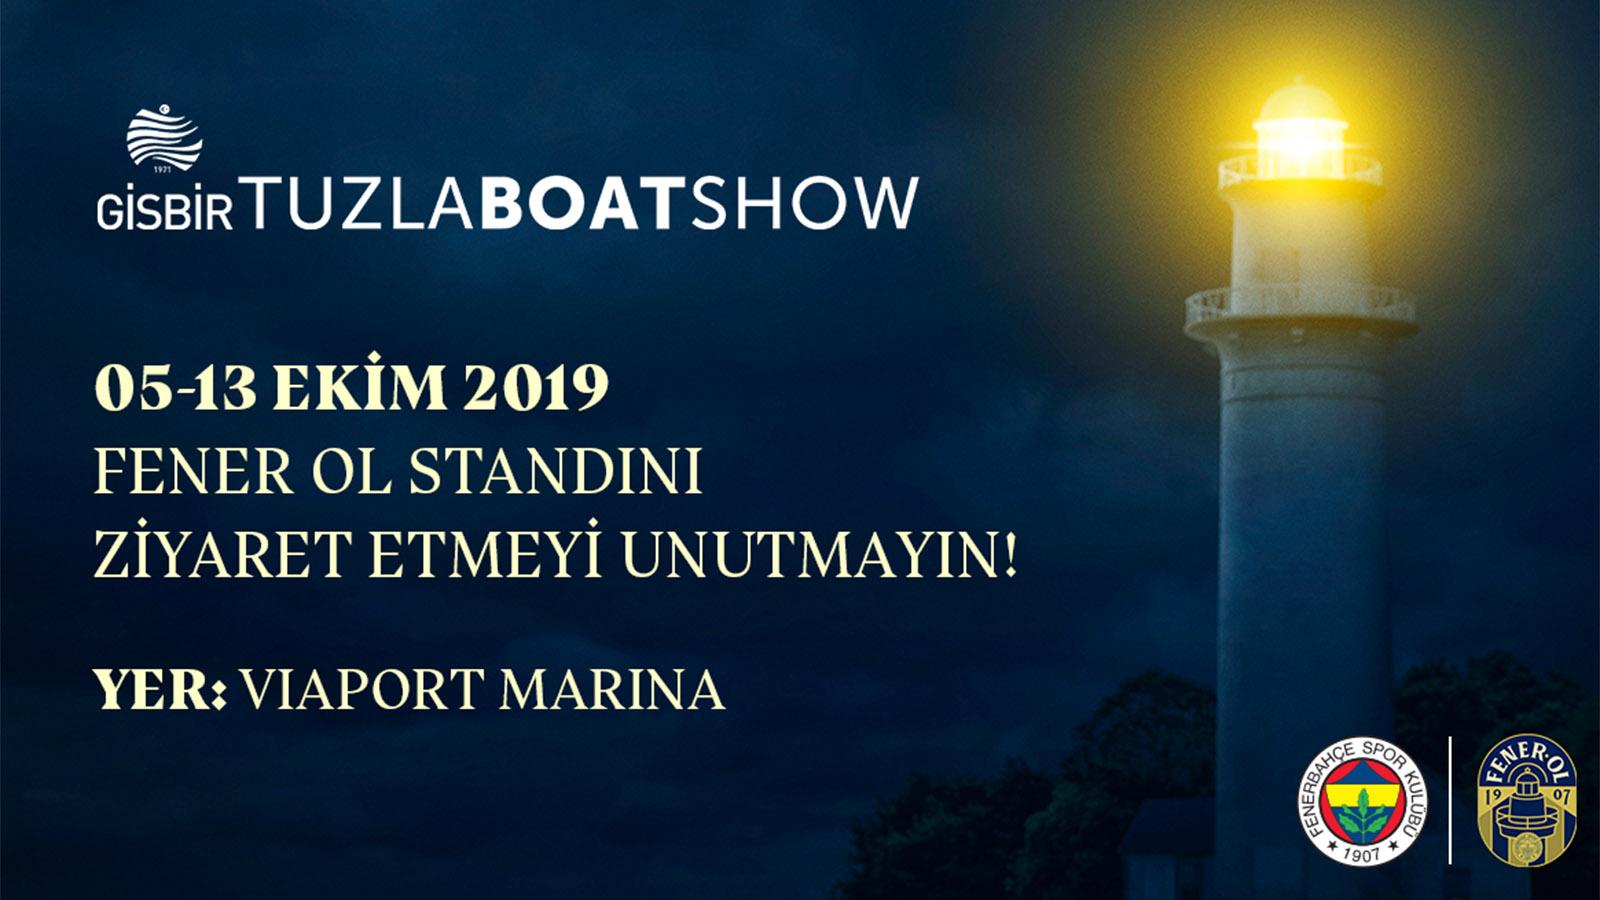 5-13 Ekim GİSBİR Boat Show Deniz Fuarı'nda FenerOl'uyoruz!